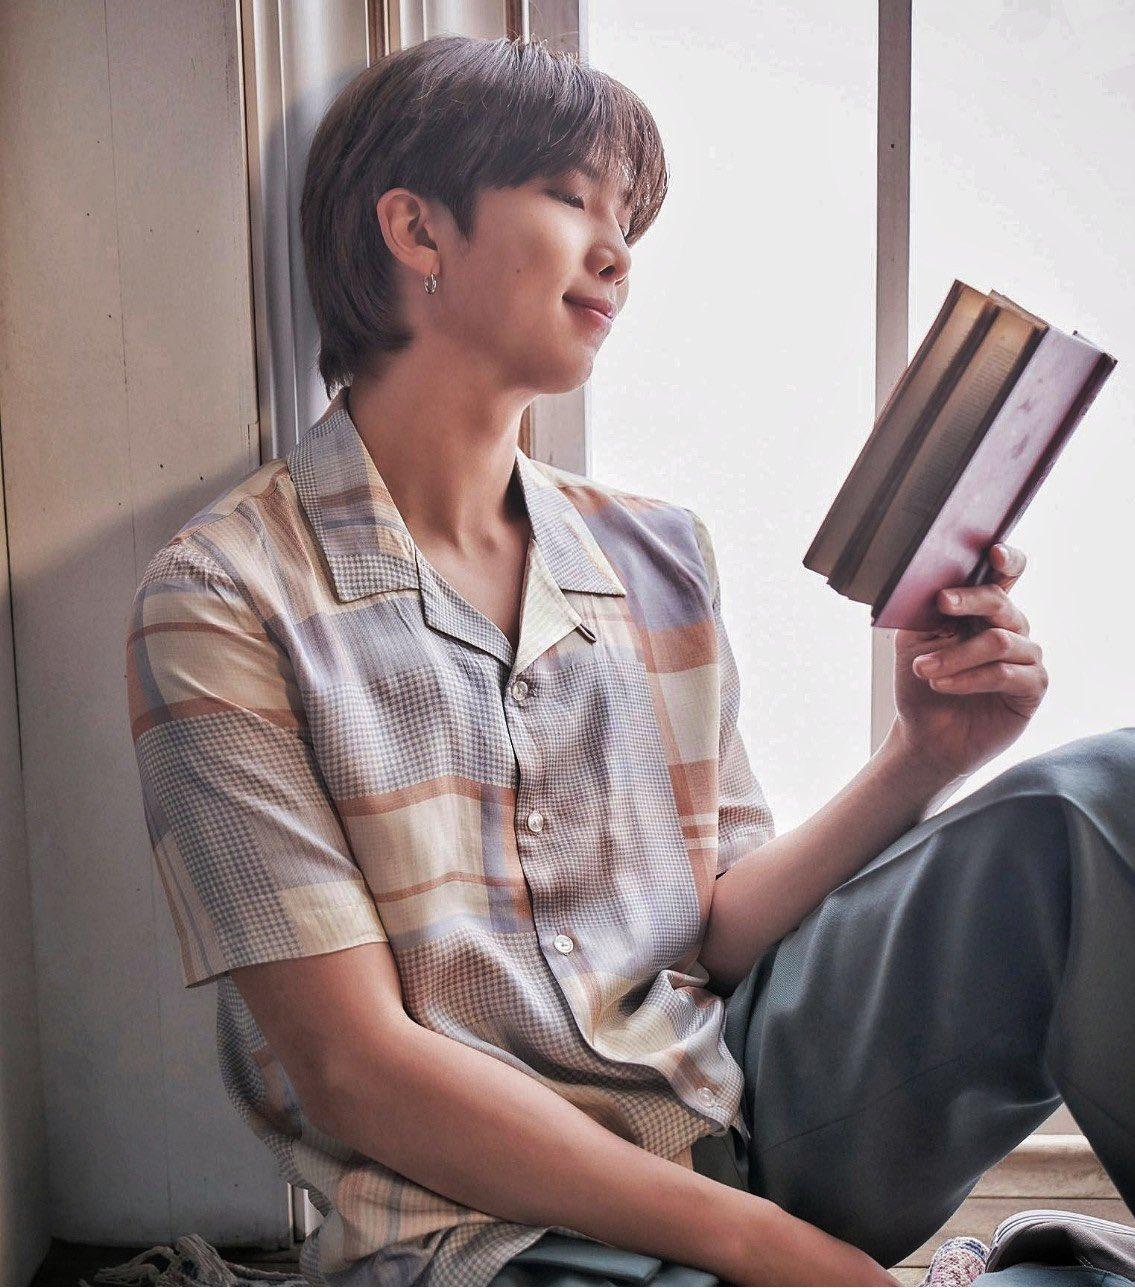 RM do BTS sentado em uma janela lendo um livro, ele segura o livro com apenas uma das mãos e a outra está apoiada na perna